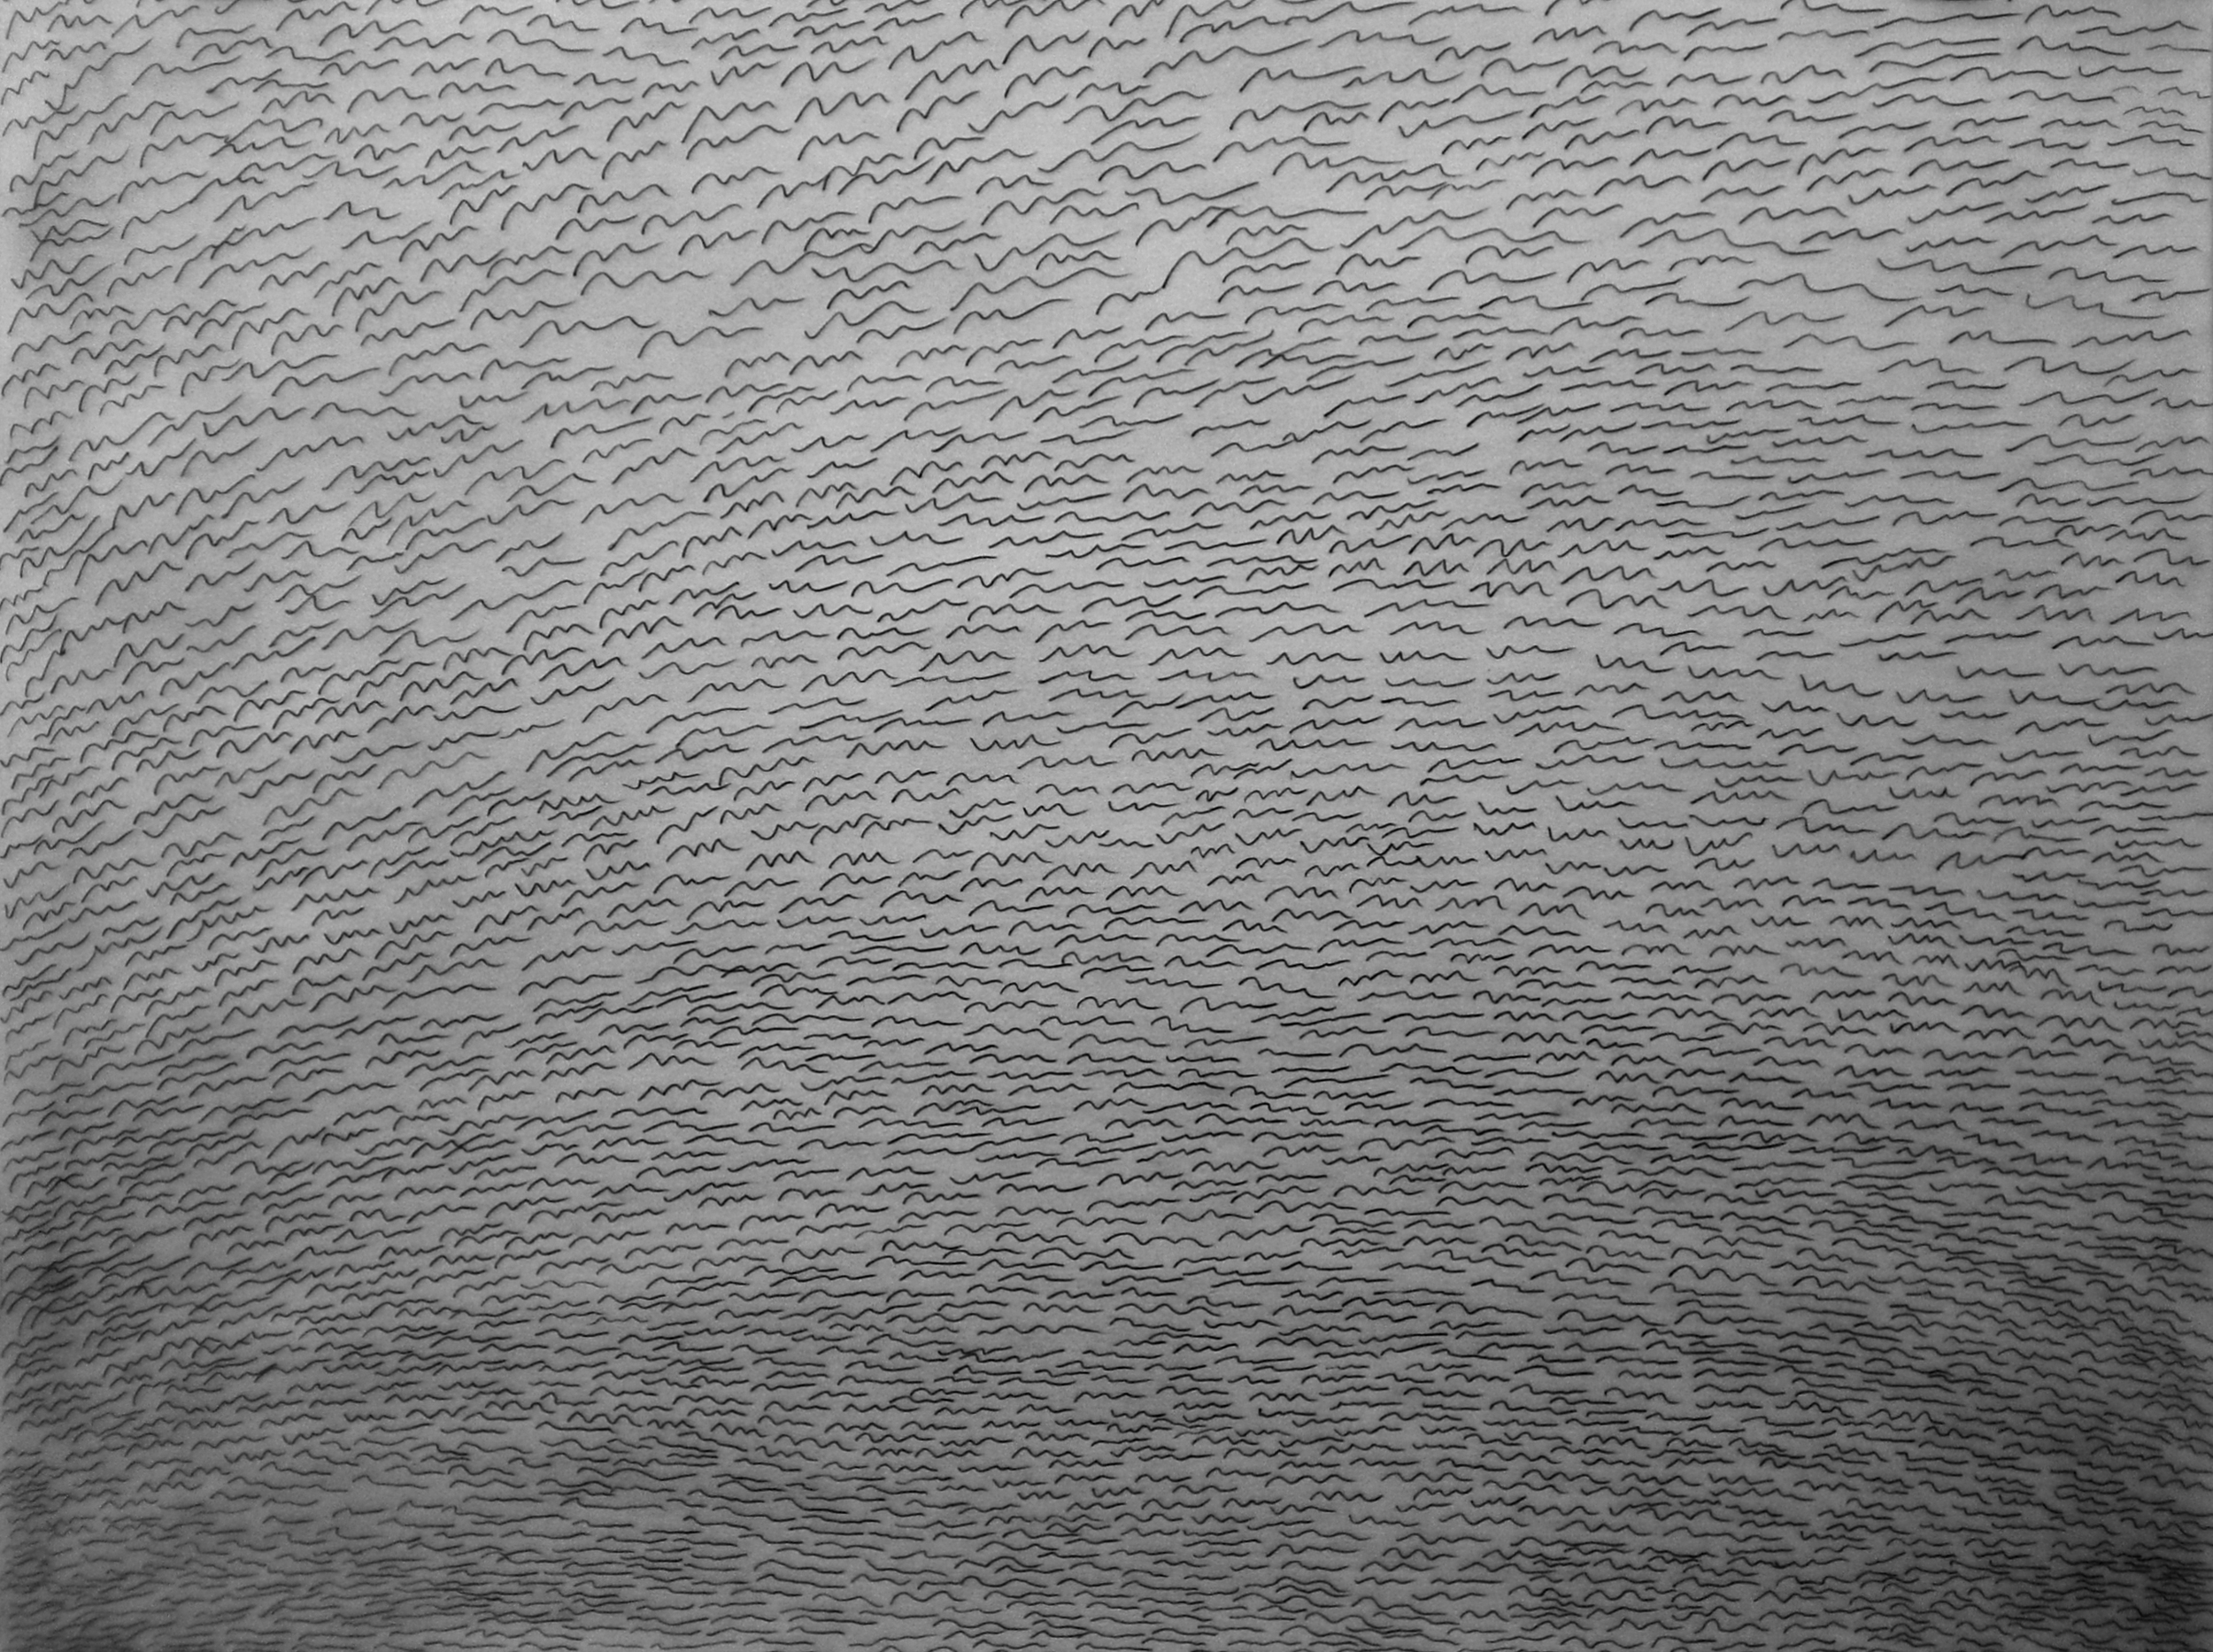 07 In Waves, 2010.jpg